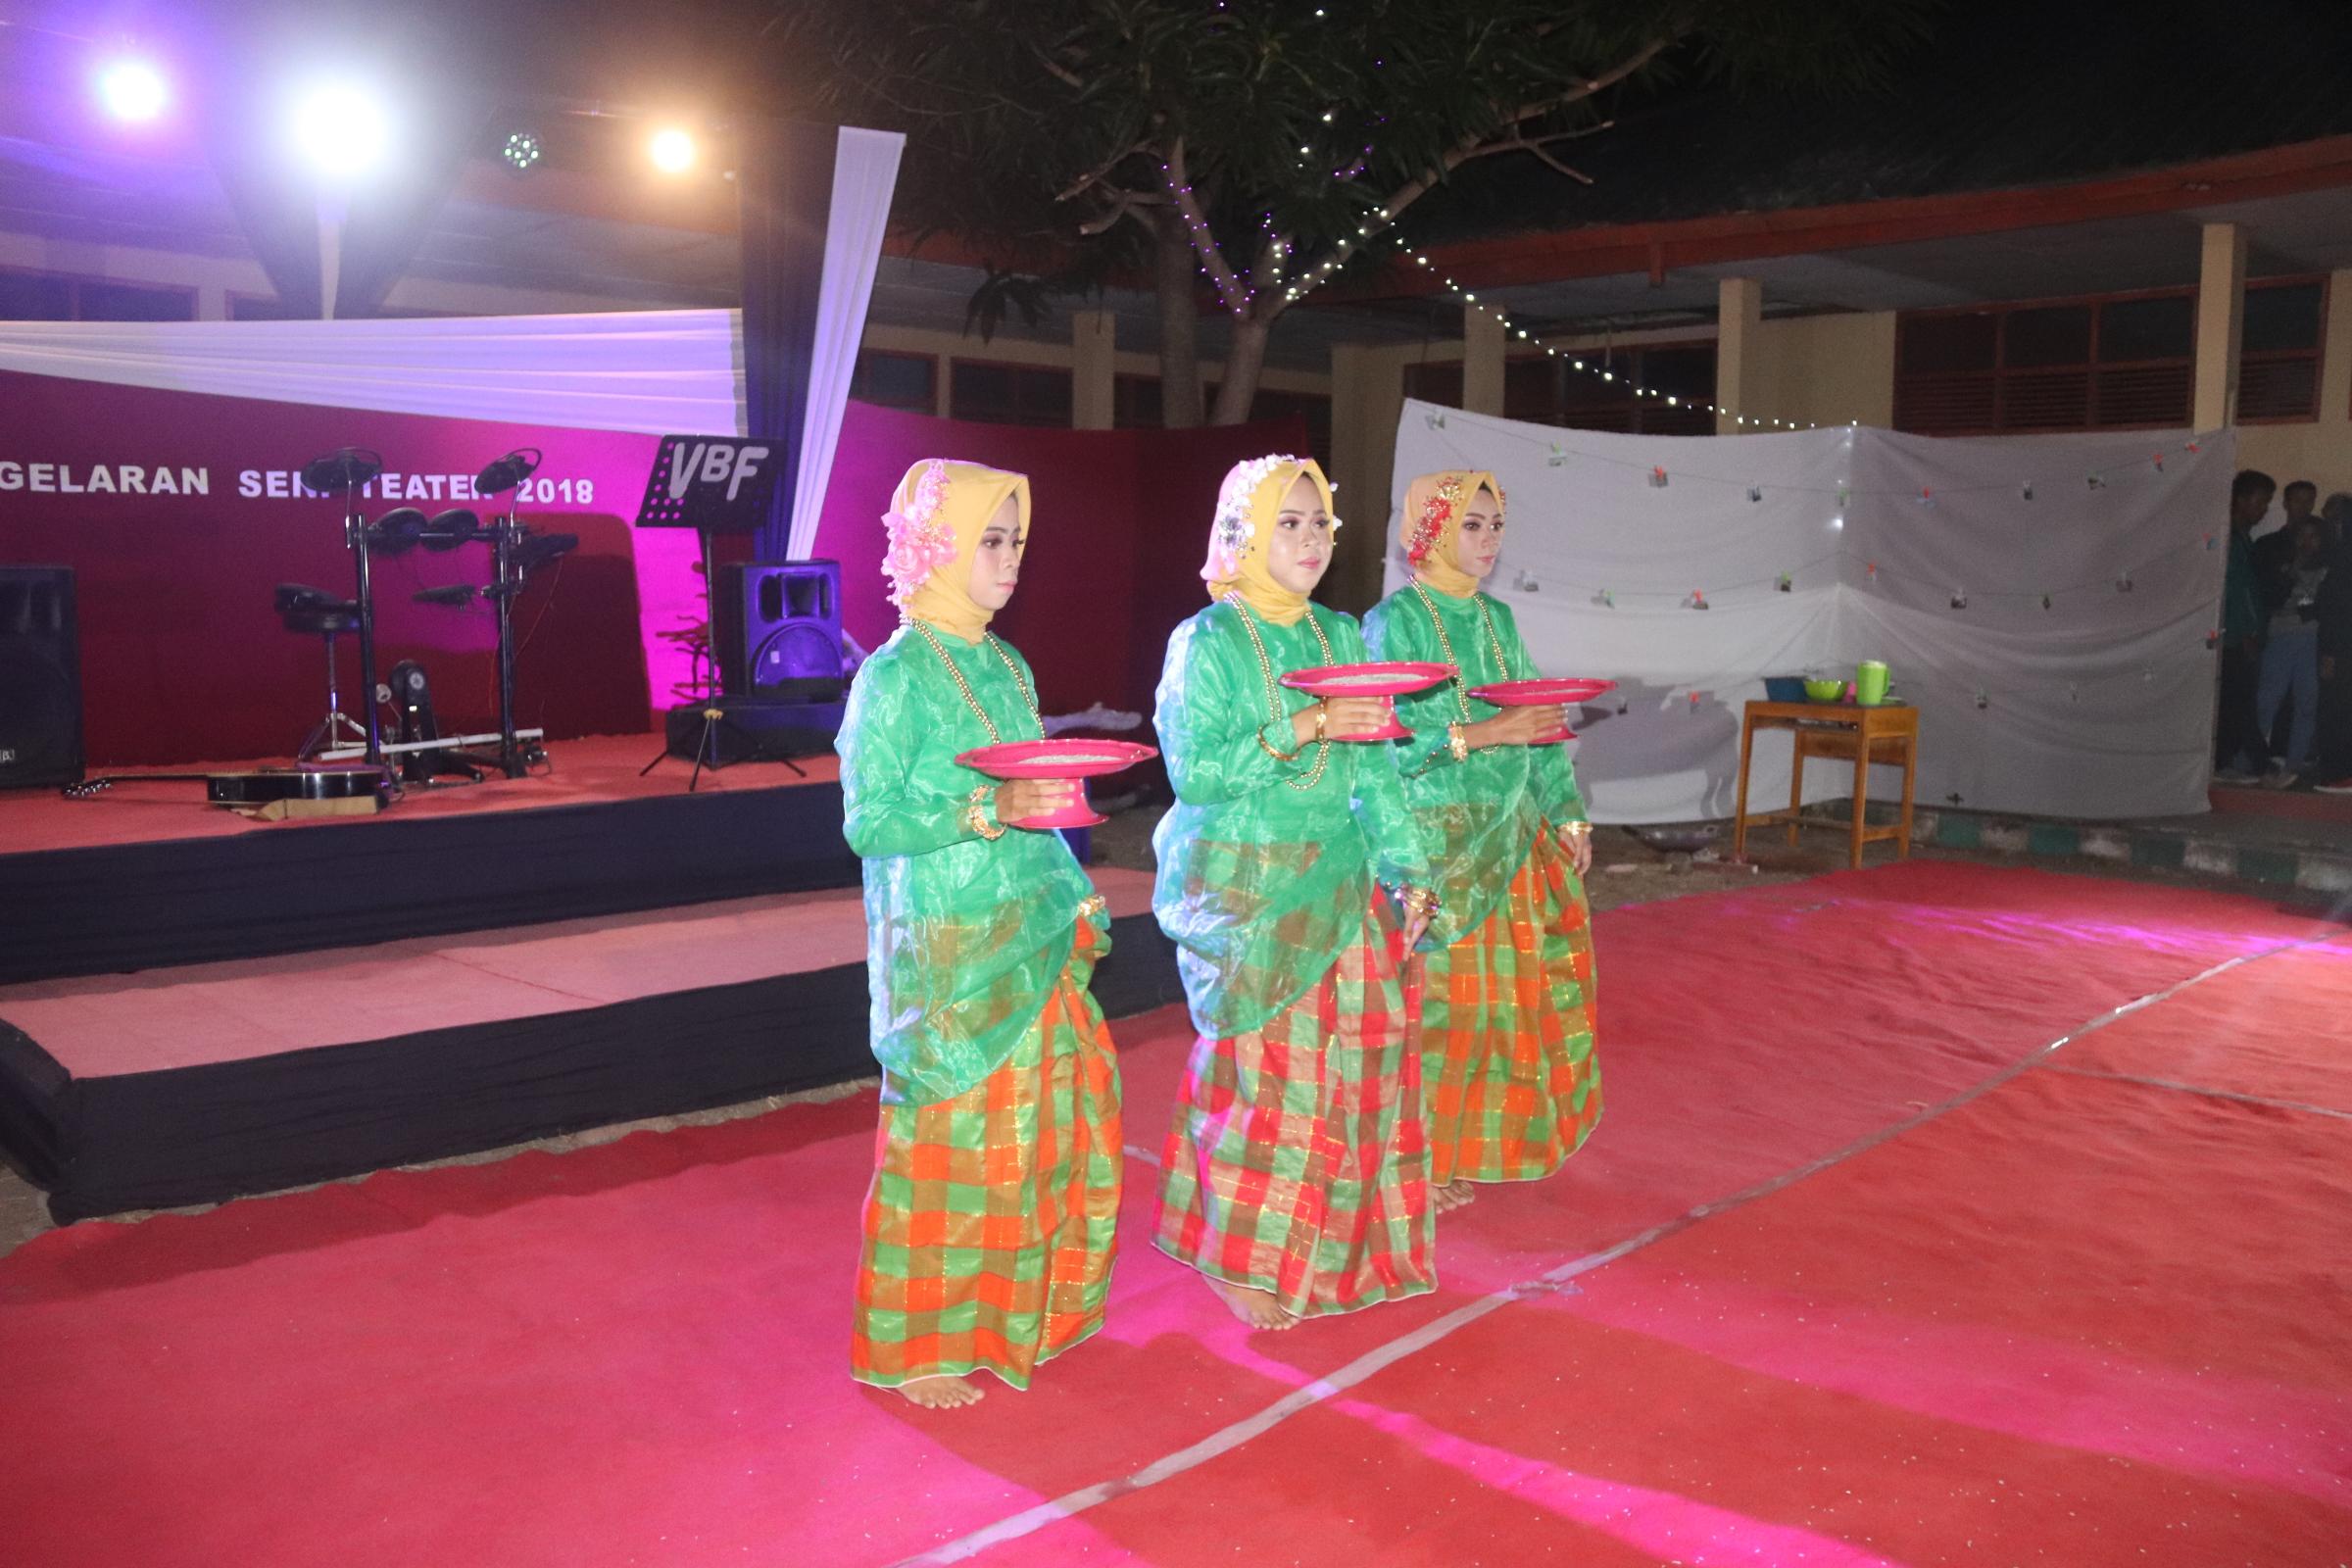 Wabup Apresiasi Pagelaran Seni Teater Mahasiswa Politeknik Negeri Bali